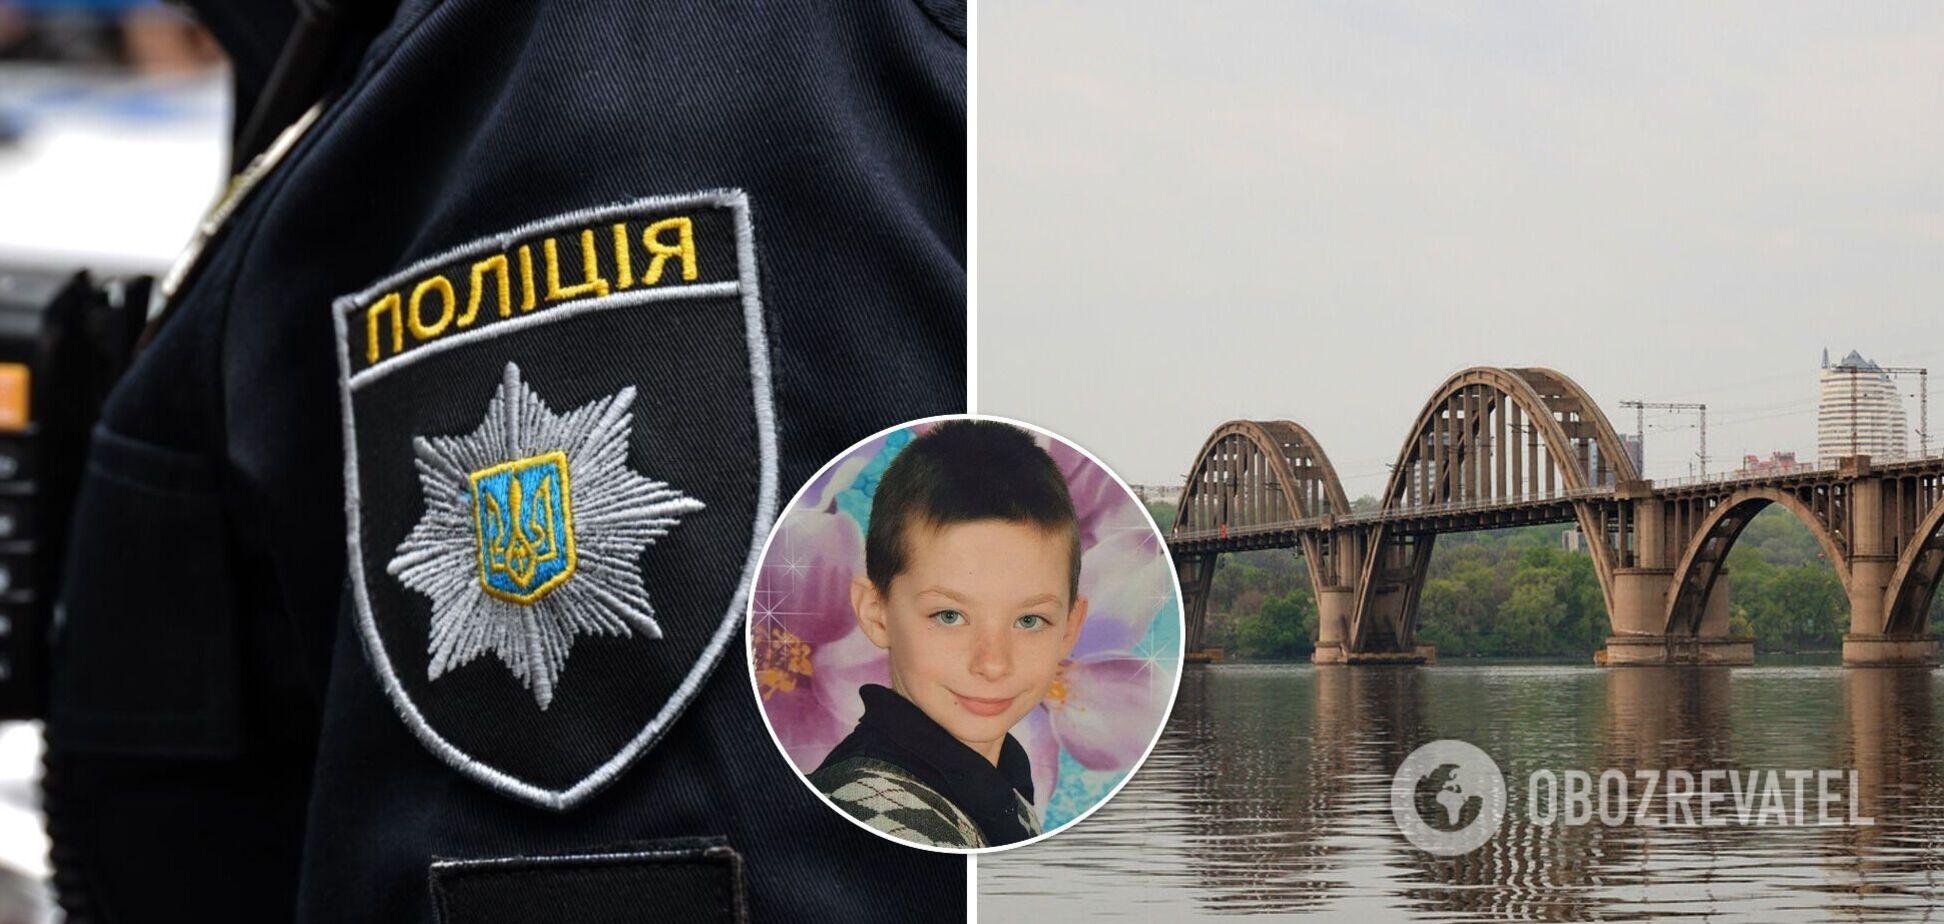 У Дніпрі безвісти зникла дитина: її самокат знайшли під мостом